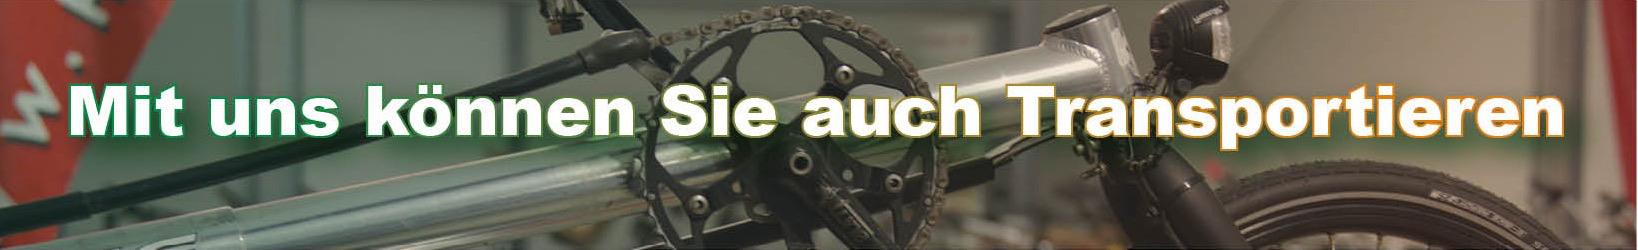 Transporträder bei Zweirad-Heins - Foto und Grafik: Katharina Hansen-Gluschitz